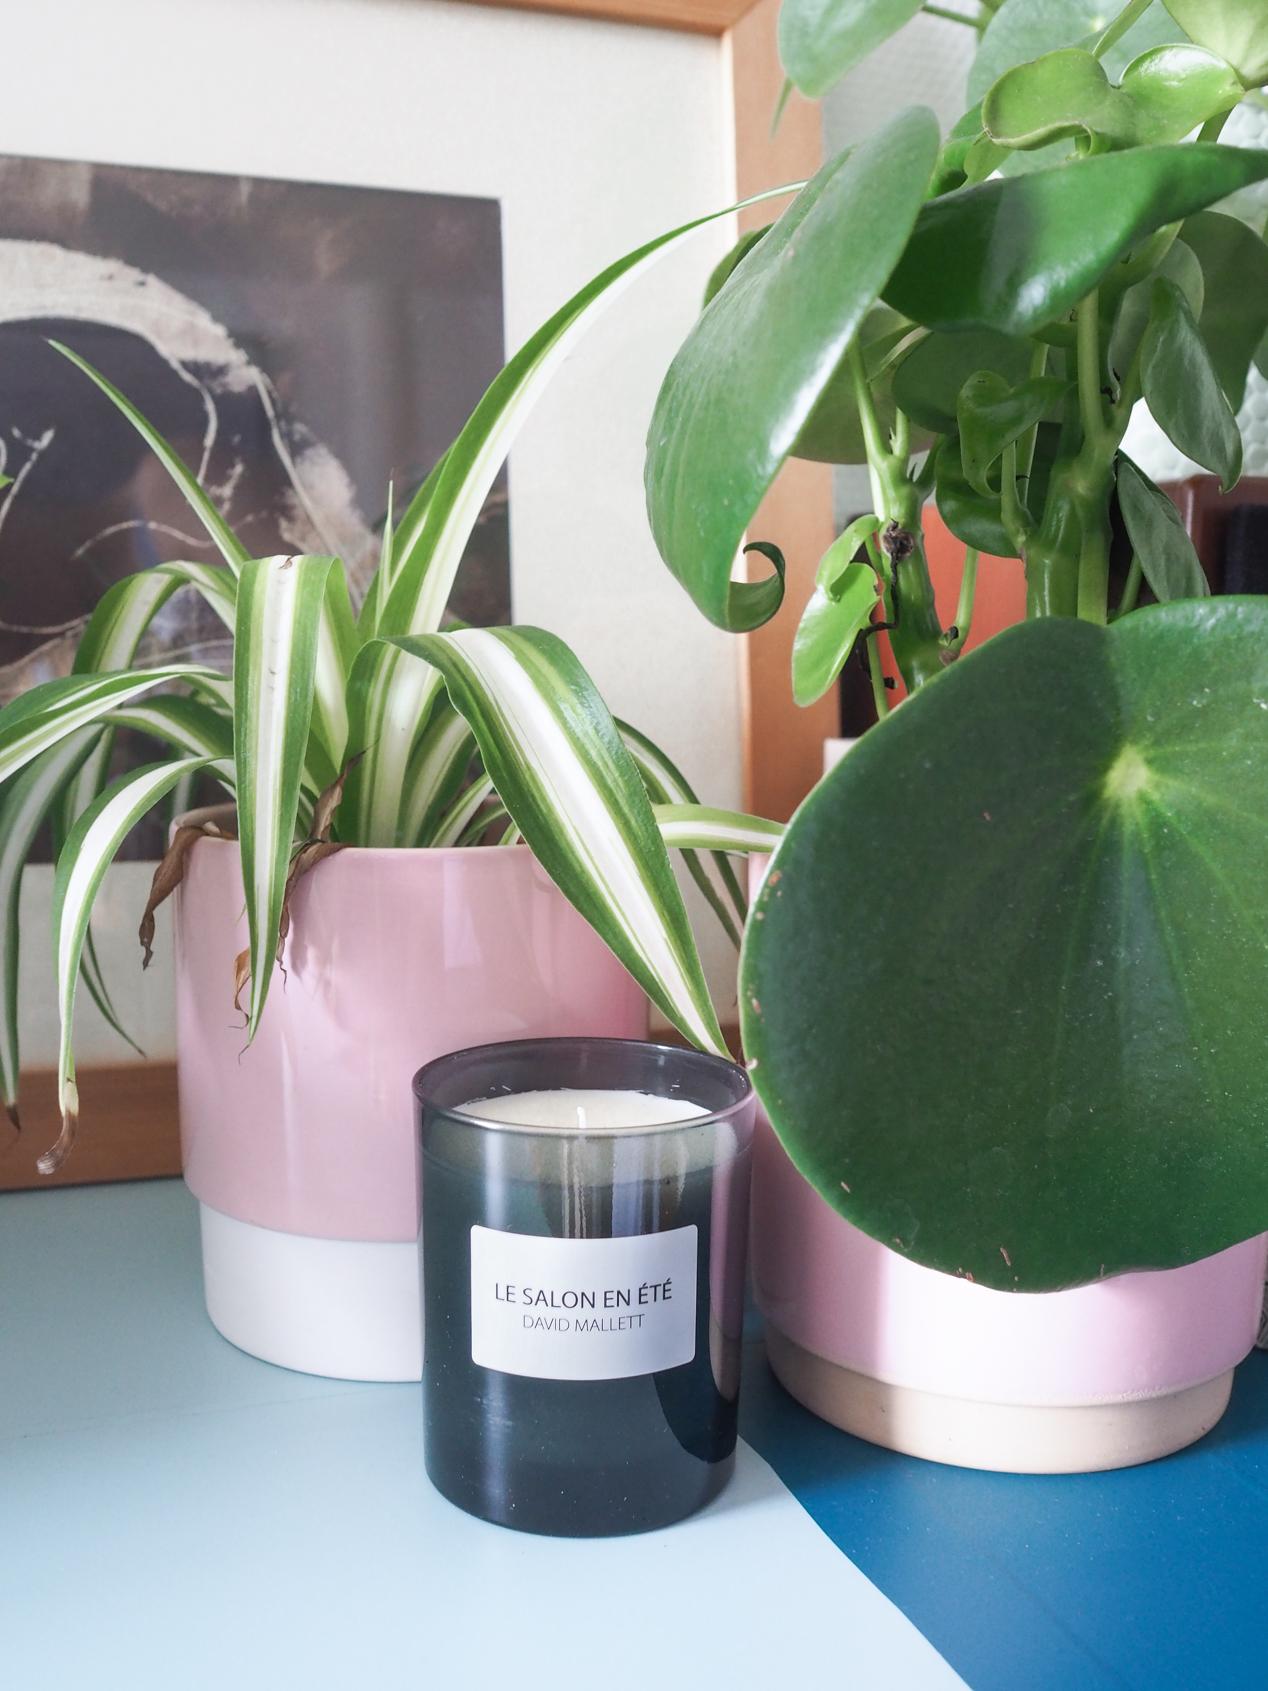 Plantes interieur depolluantes detoxifiantes guide Truffaut domus l La Fiancee du Panda blog deco et lifestyle-7203451